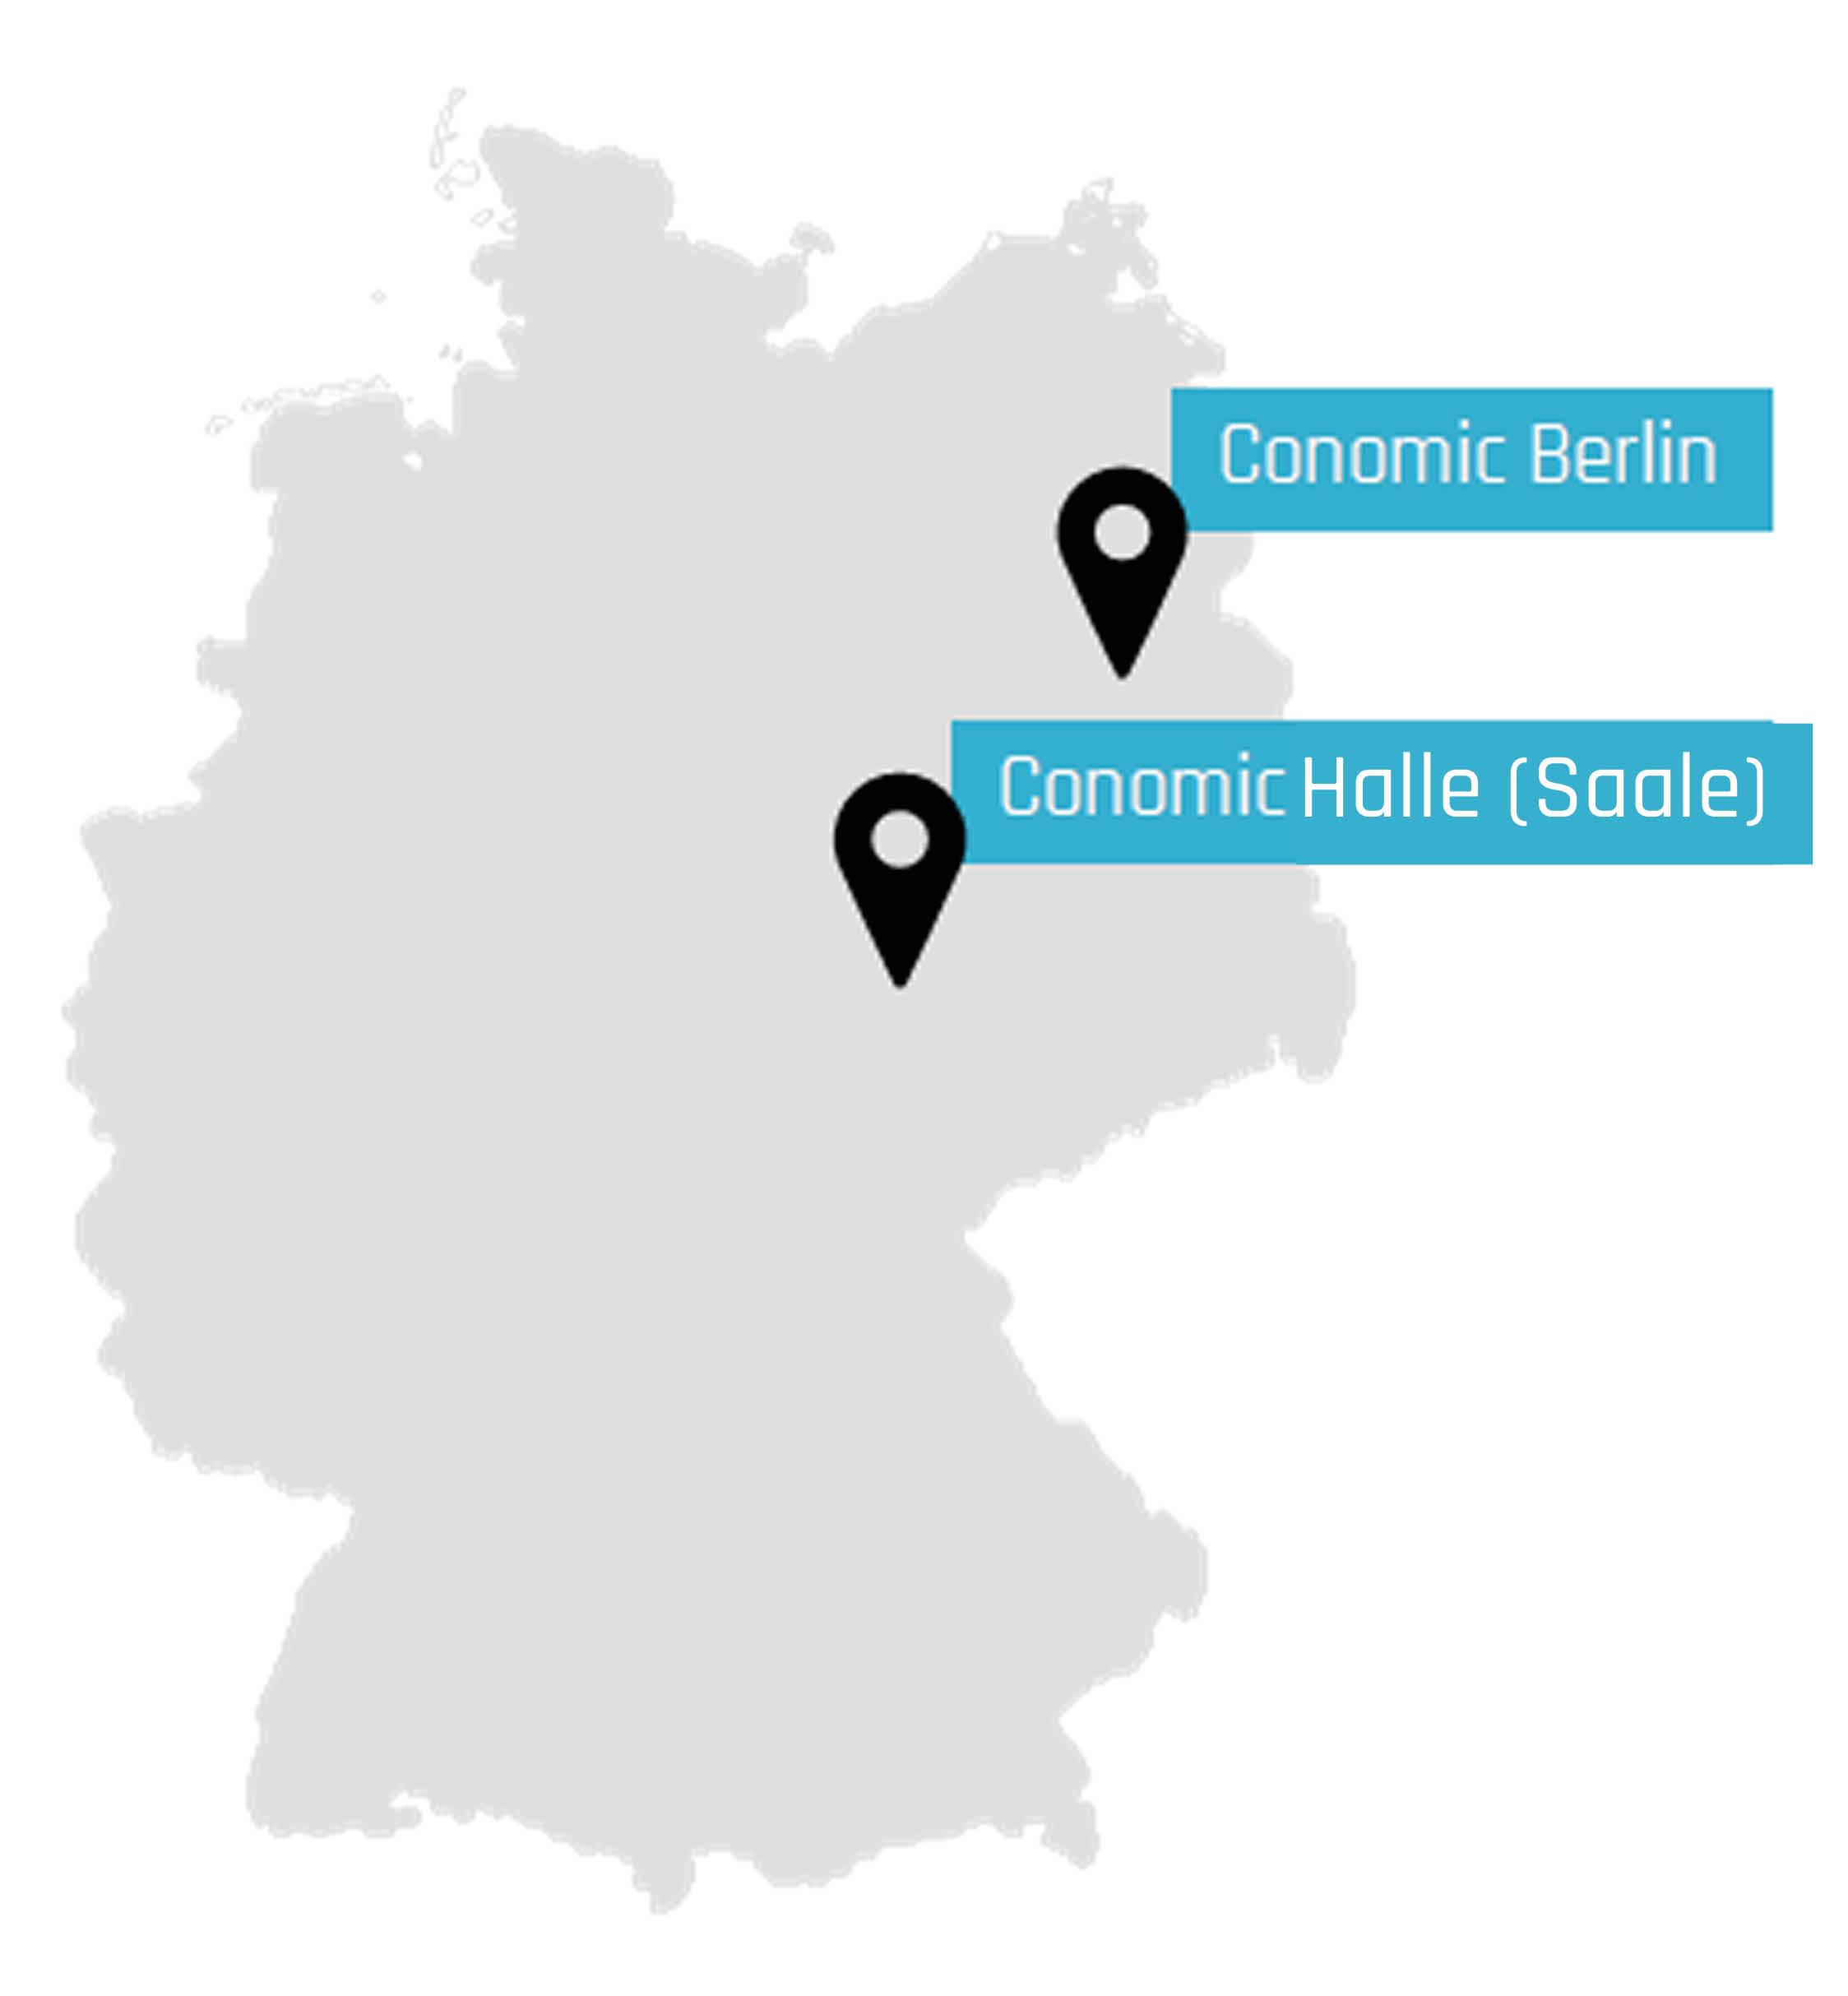 Büros Halle Berlin Conomic